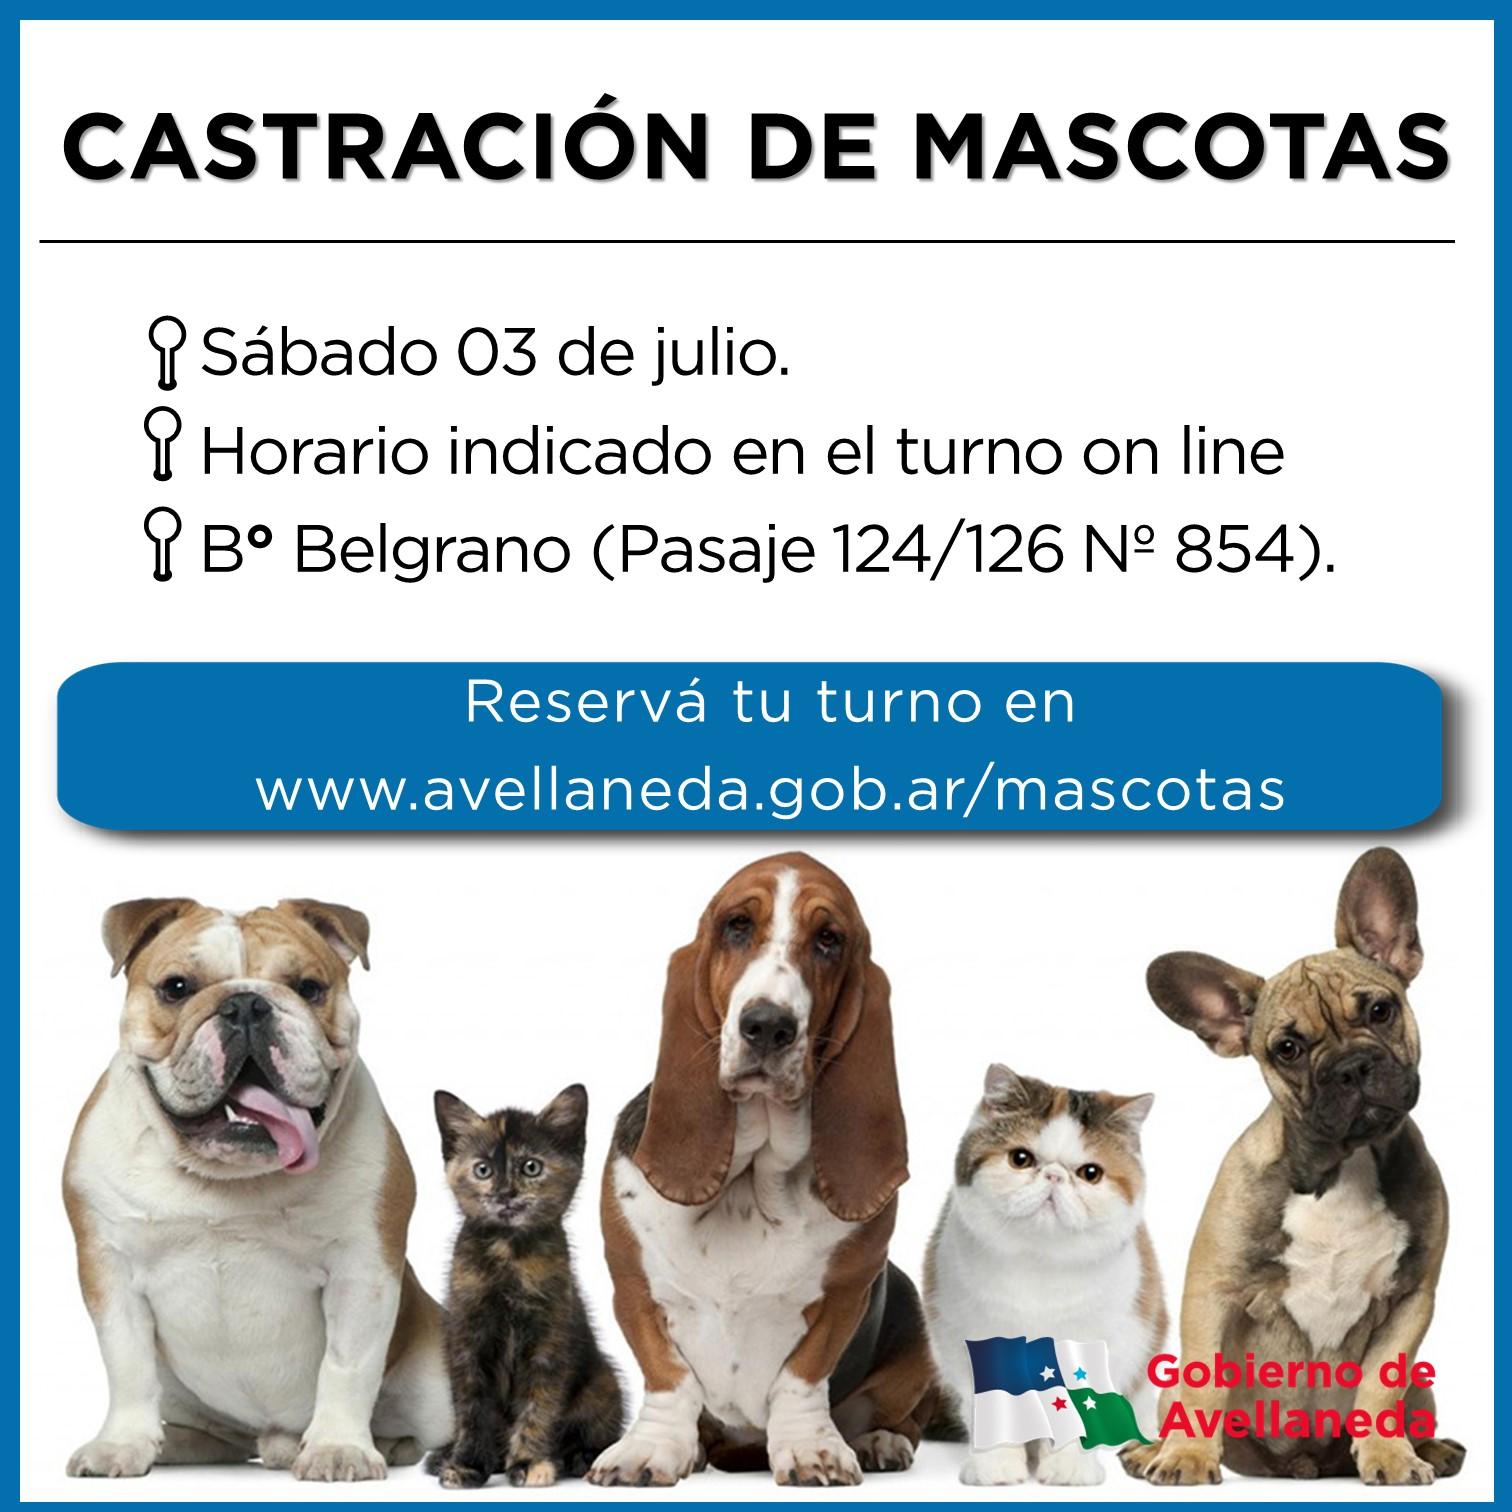 Castración de mascotas en Bº Belgrano